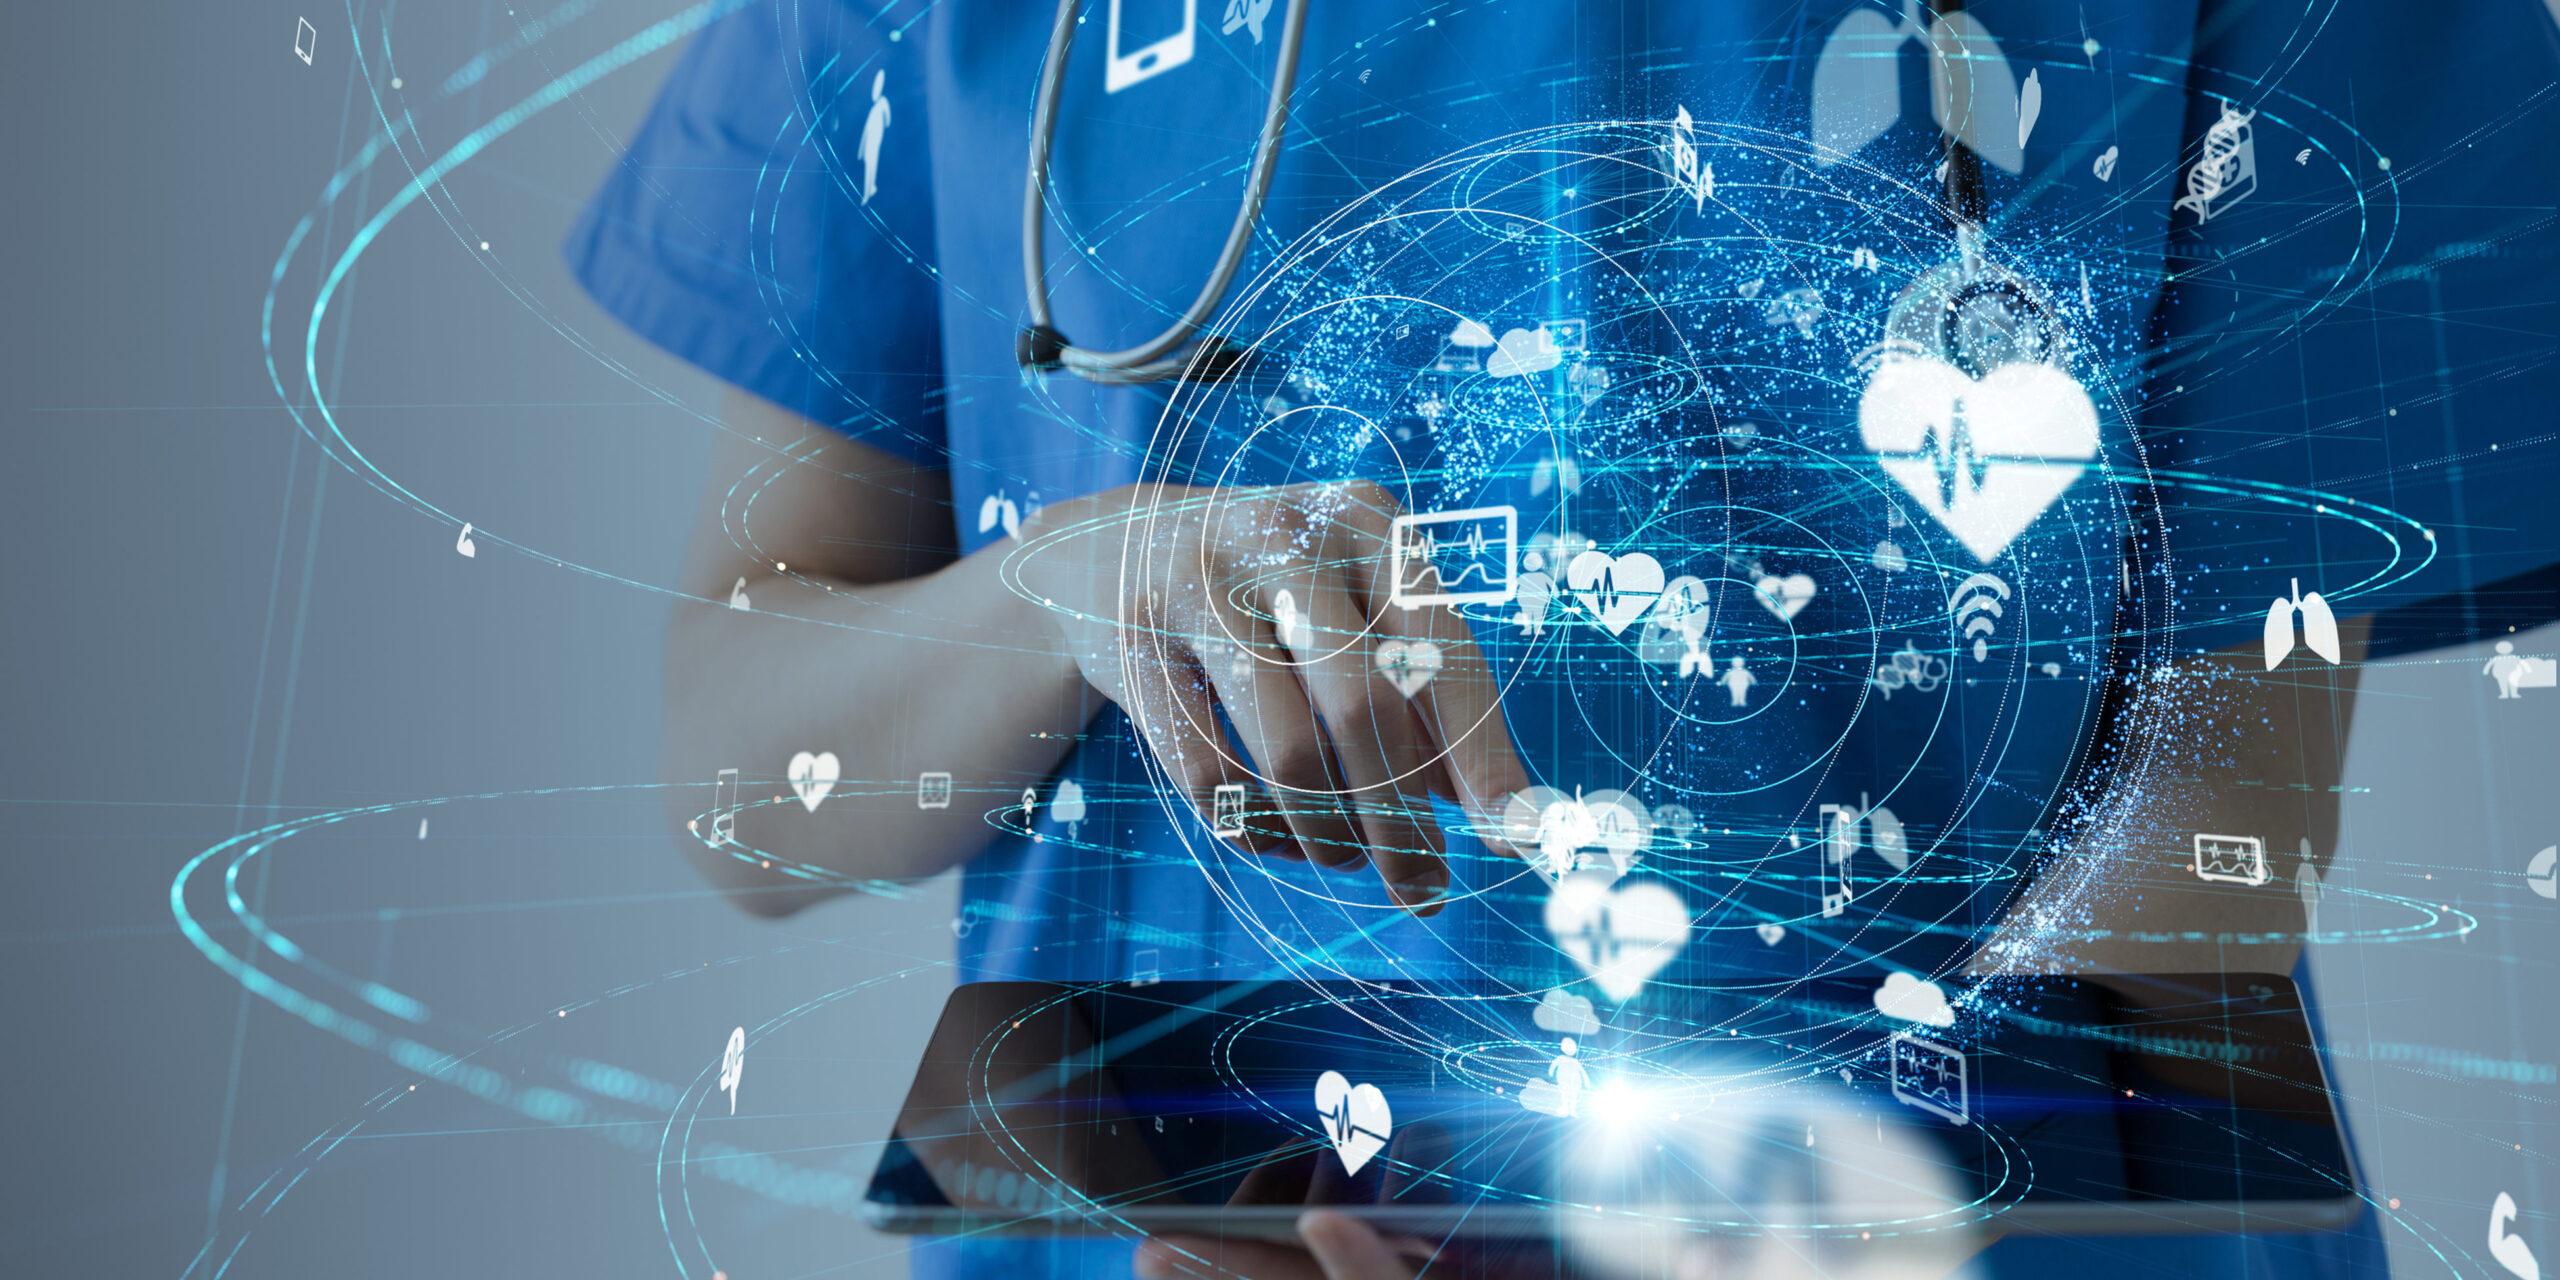 Рынок Digital Health переживает падение интереса в 2021 году